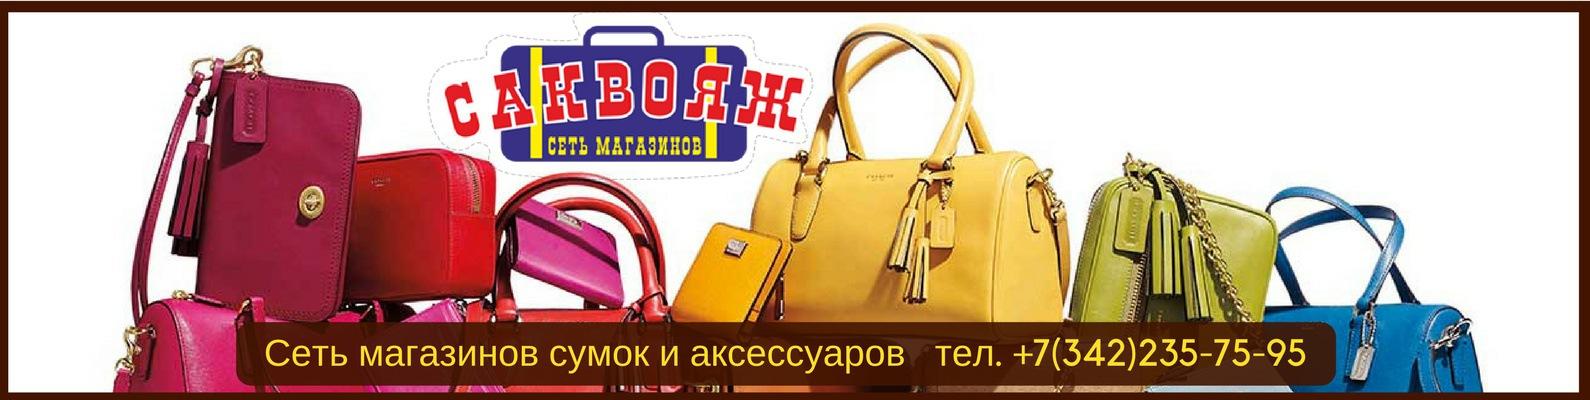 Купить чемодан в розничной торговле